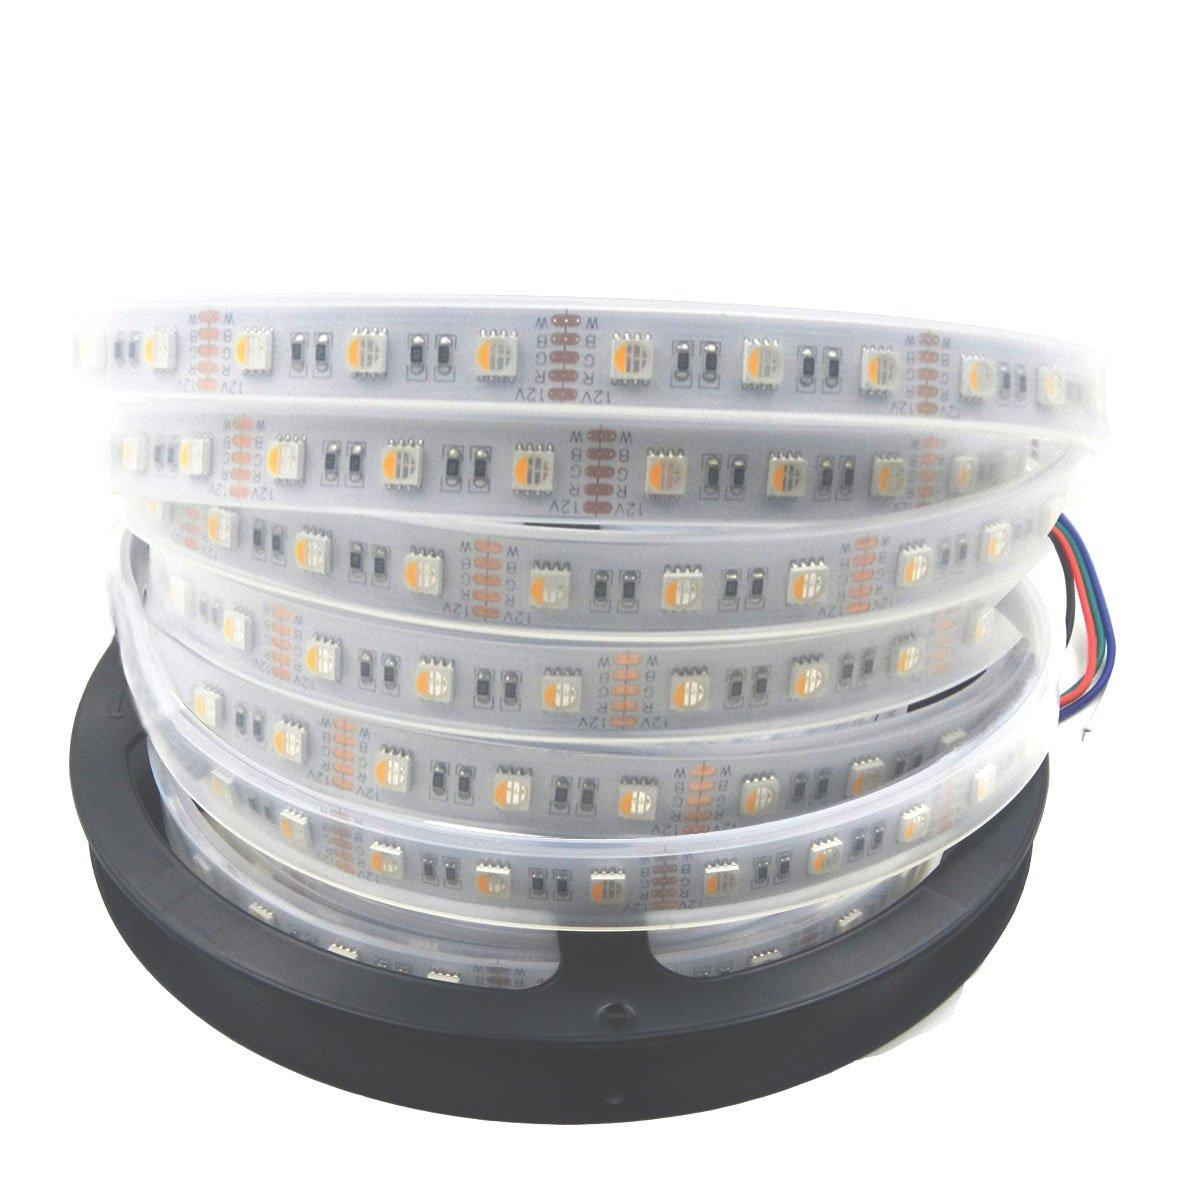 Visdoll 5050 Rgbww 4 in 1 Led Strip Light DC12V, 16.4Ft 300Leds RGB+ Warm White 4 Colors in 1 Led Dimmable Flexible Tape Light